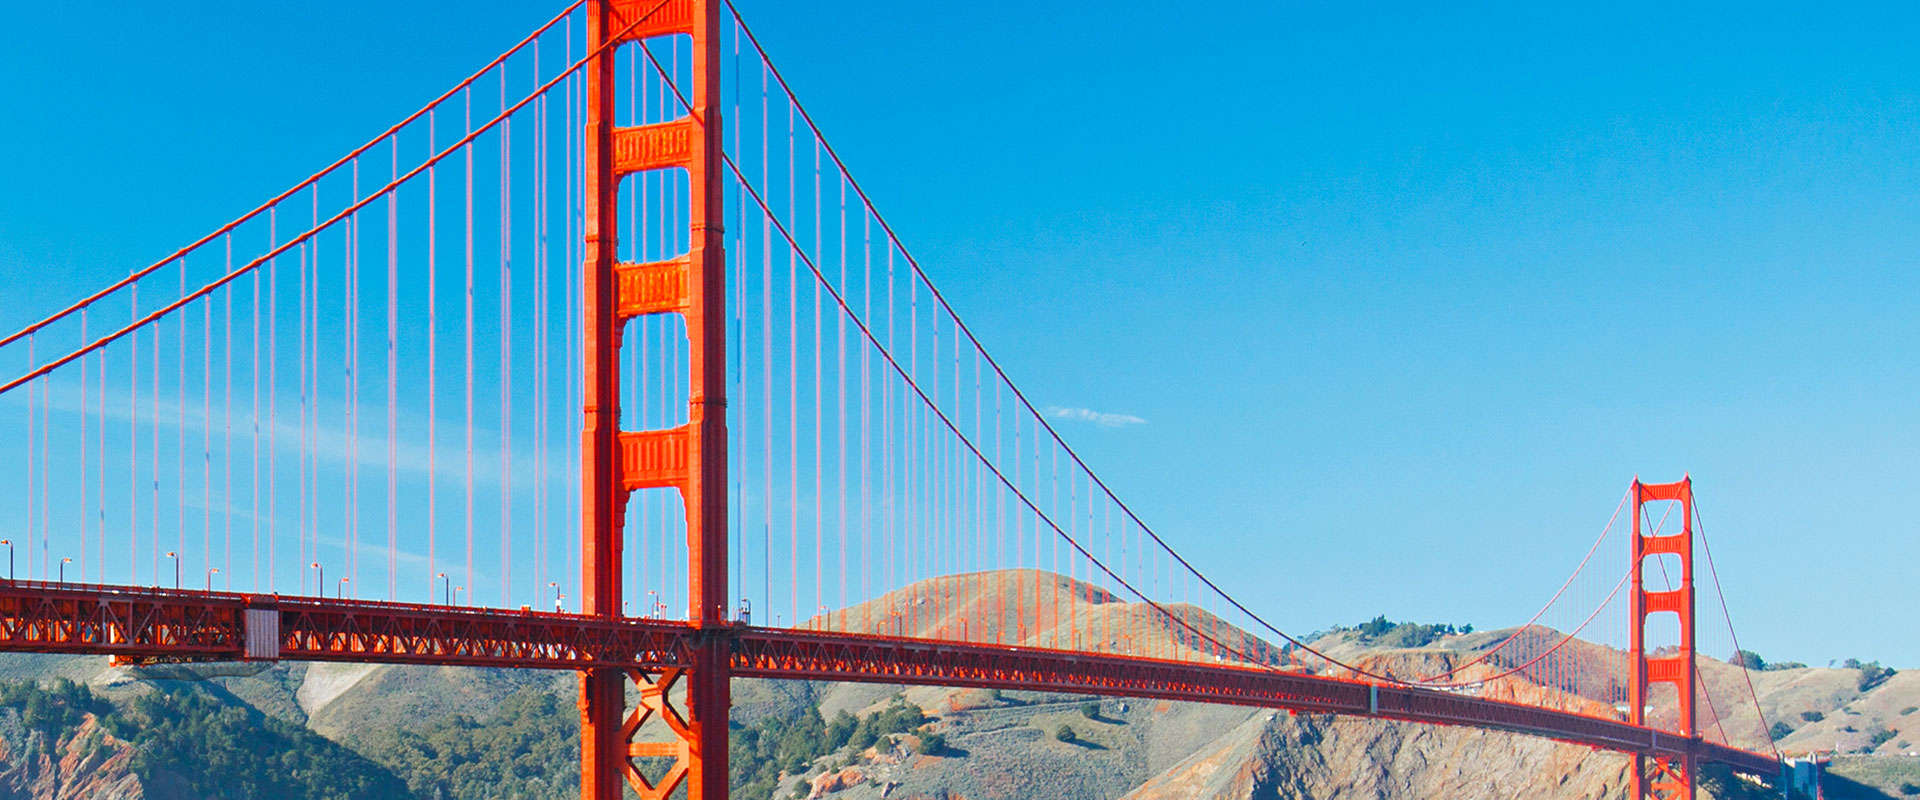 Golden Gate Hintergrundbild - Übersetzungsbüro München